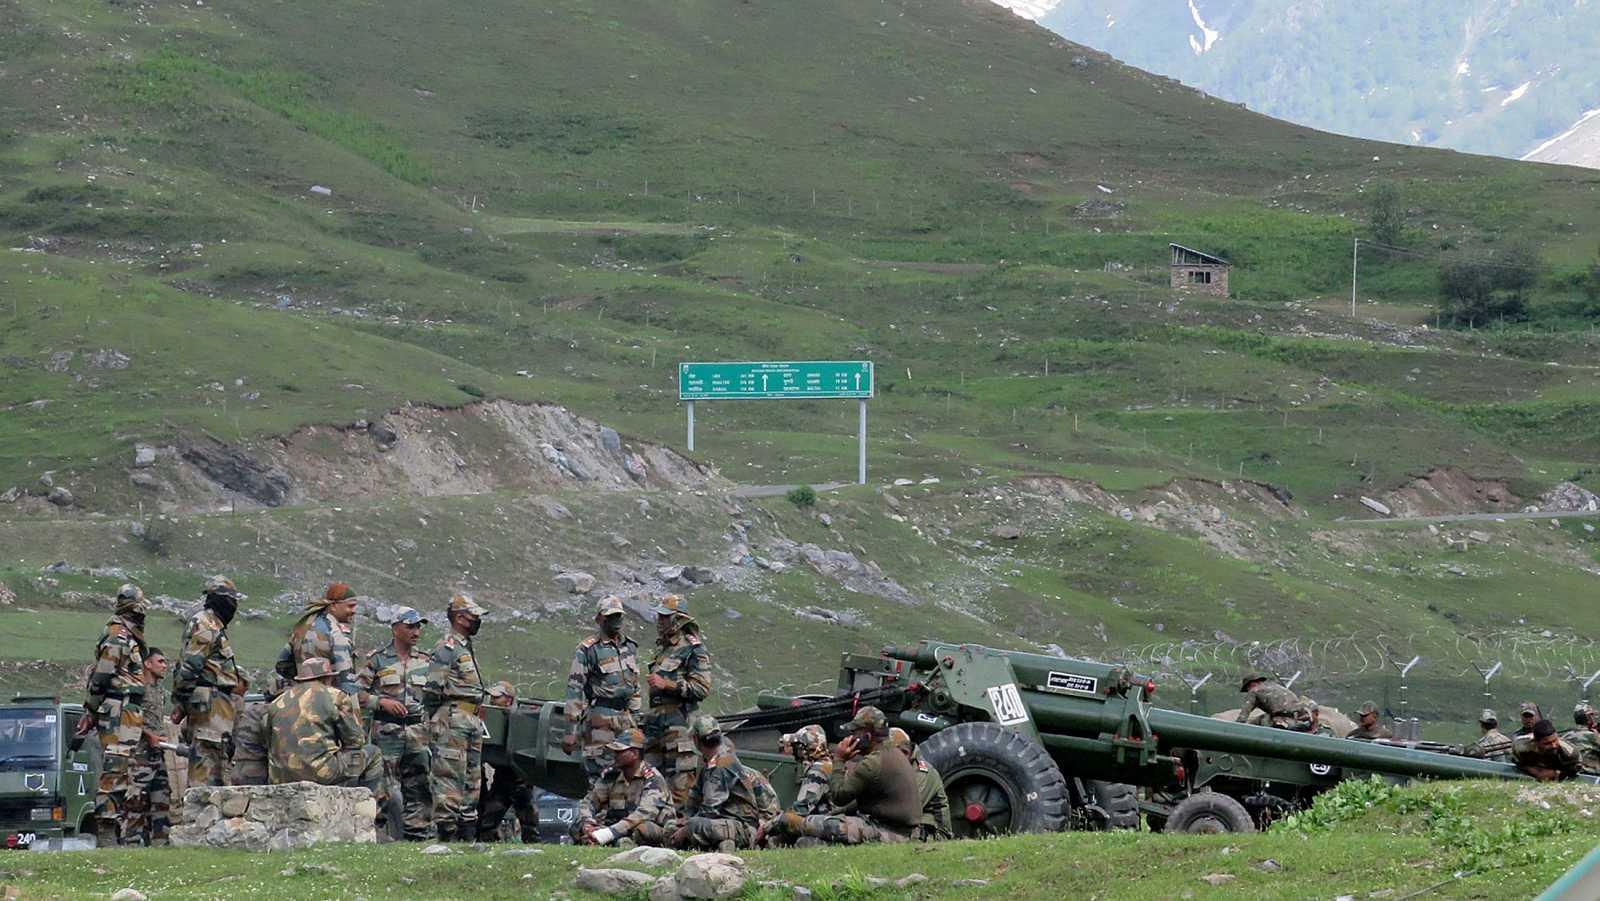 Aumentan a veinte los soldados indios muertos en el choque fronterizo con China